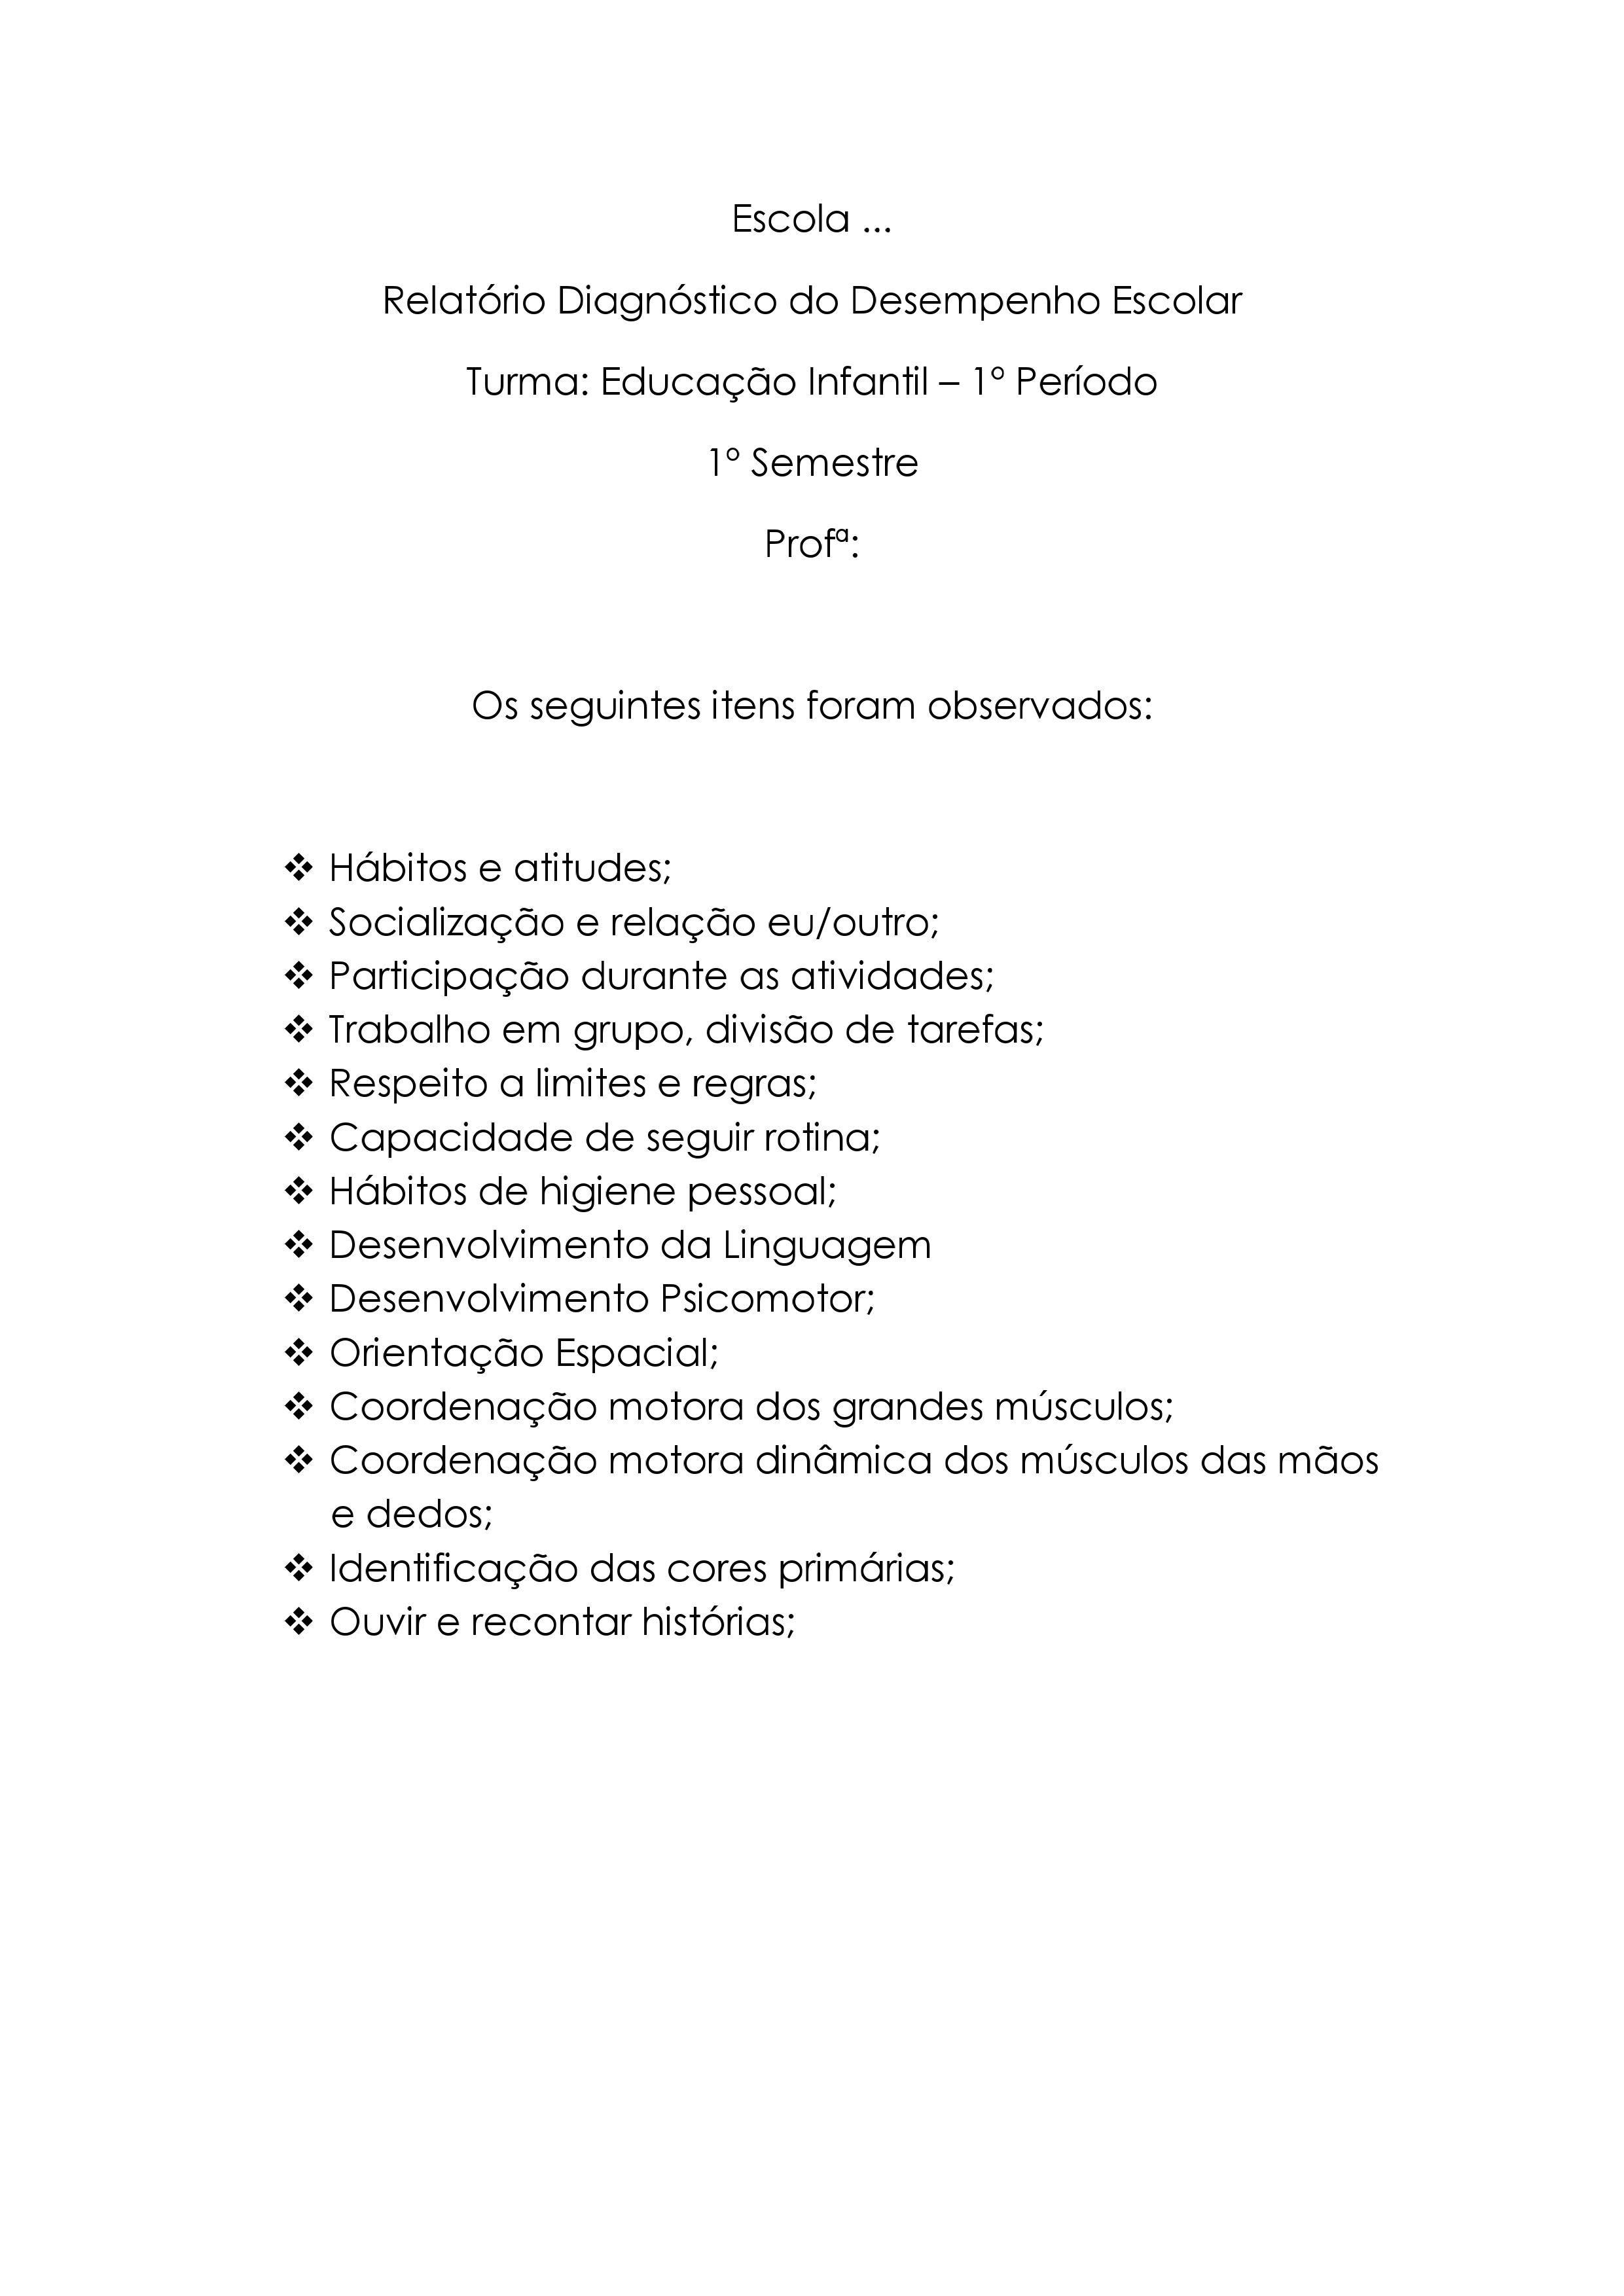 Modelo De Relatorio De Avaliacao Do Desempenho Escolar Em 2020